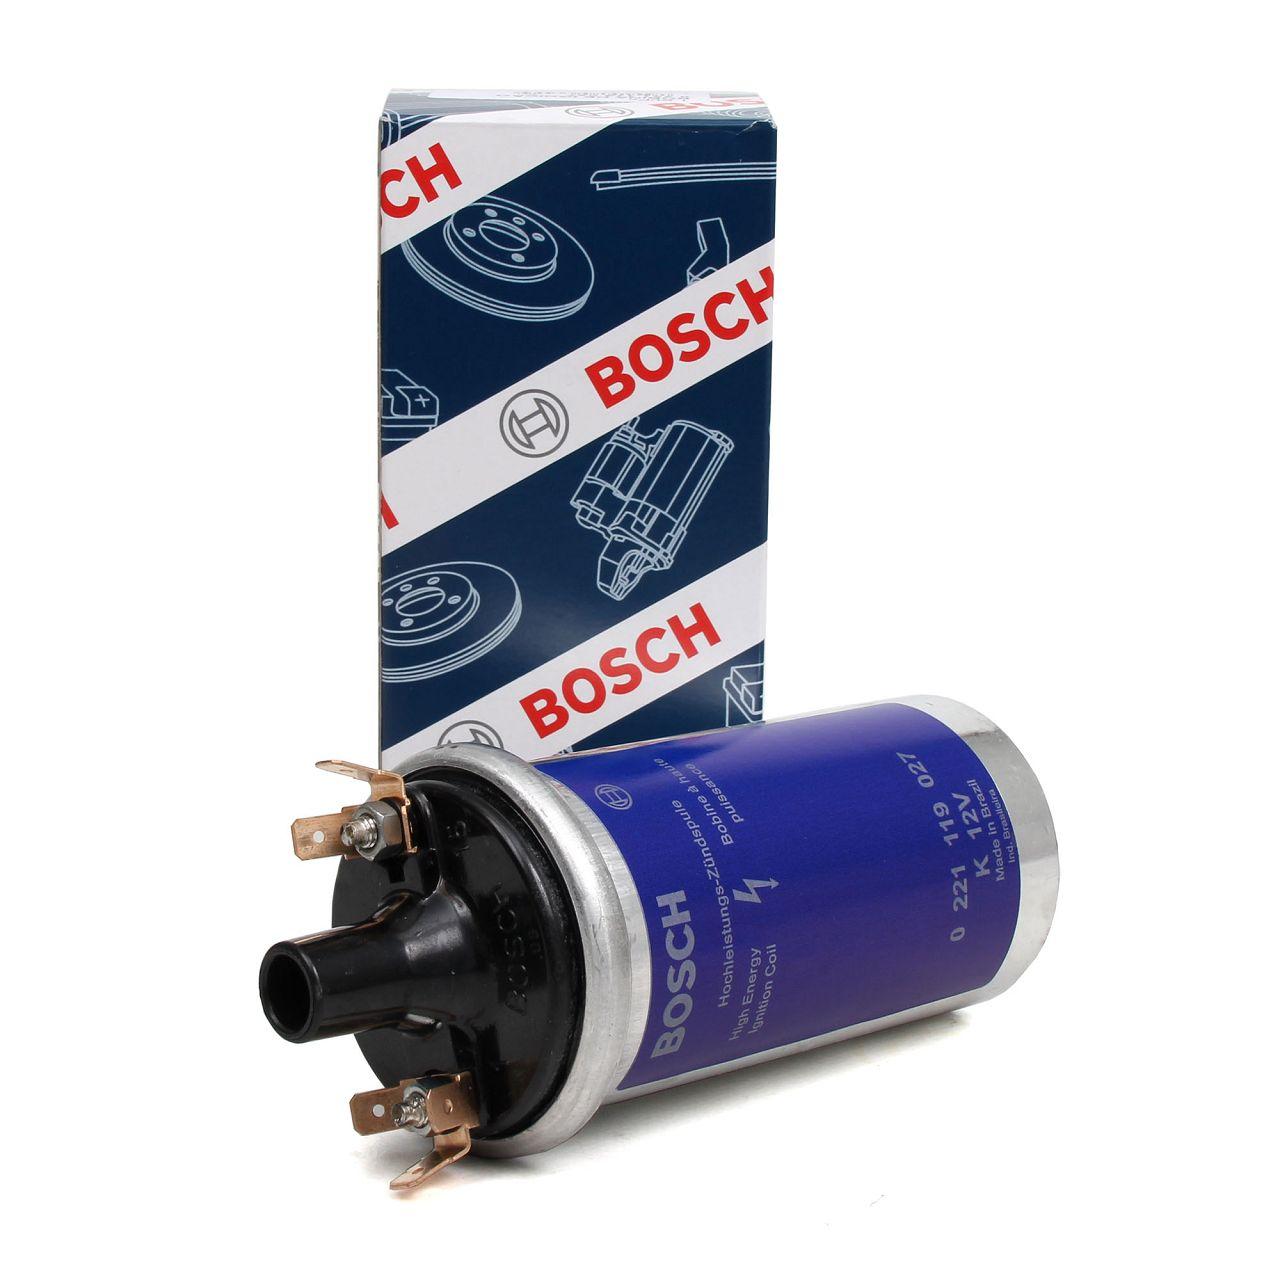 BOSCH 0221119027 Zündspule Zündmodul 12V Hochleistungs-Zündspule Zündeinheit